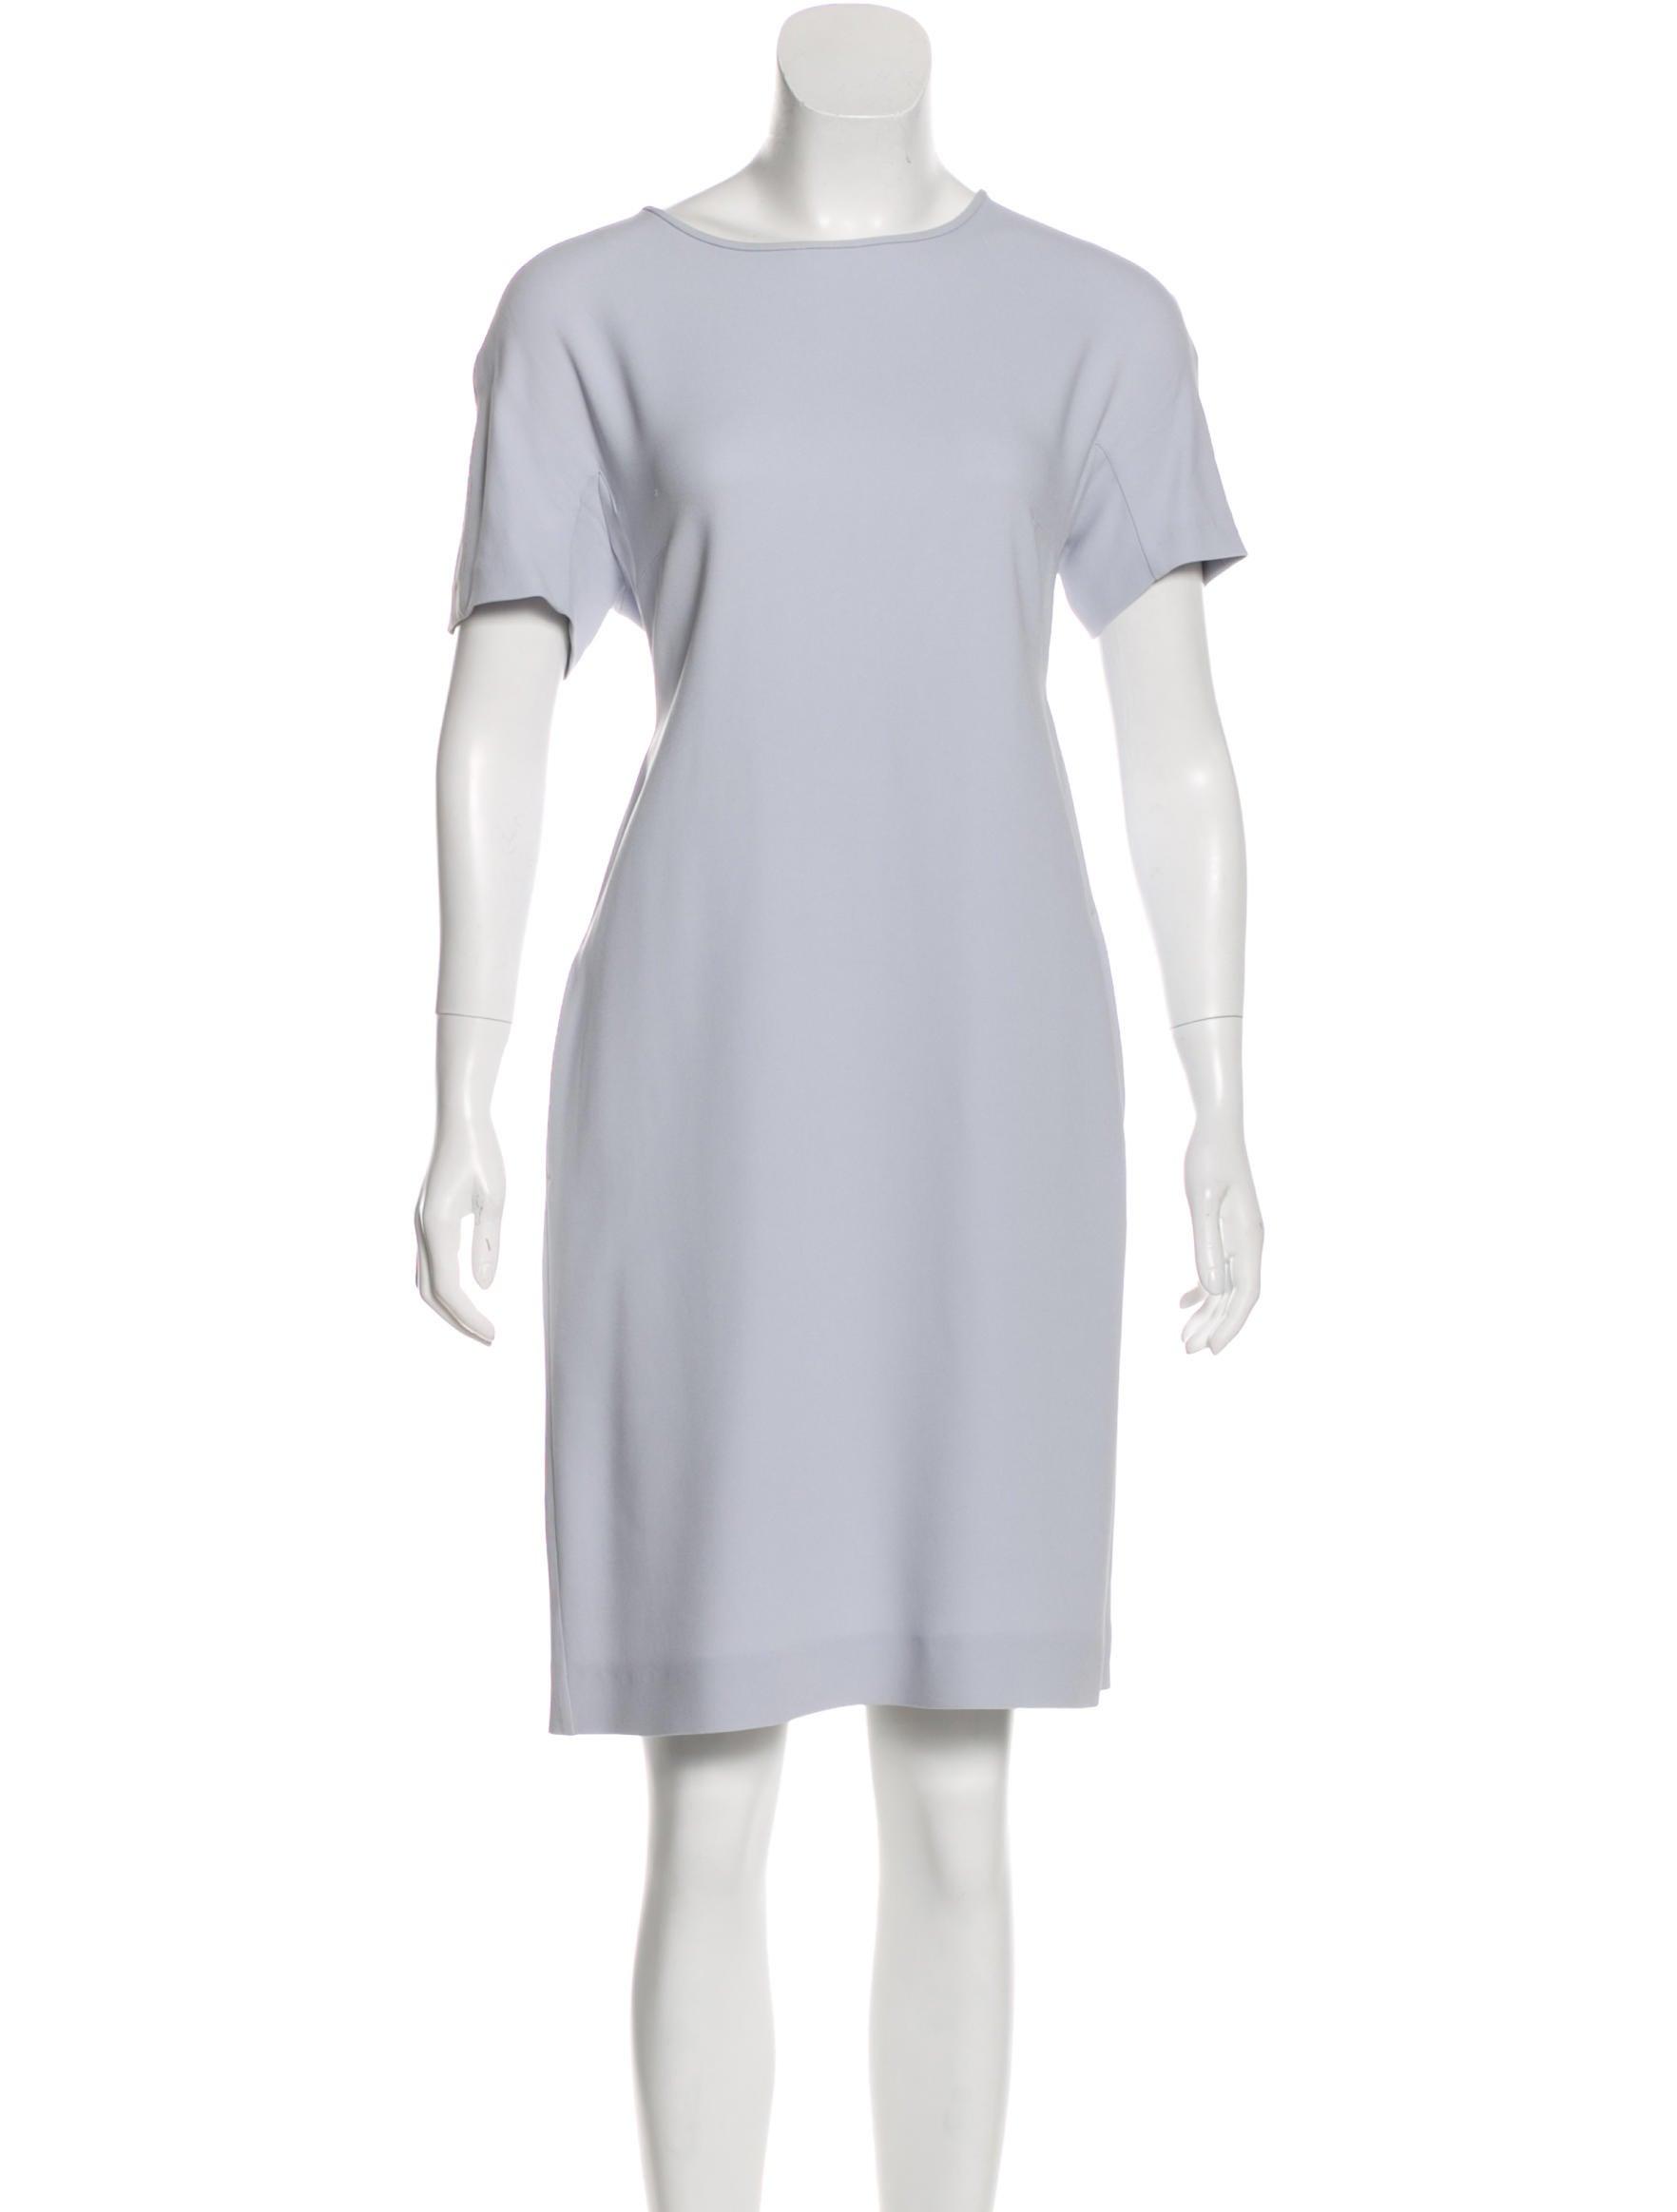 0fc9013282 MaxMara Midi Short Sleeve Dress - Clothing - MMA27364